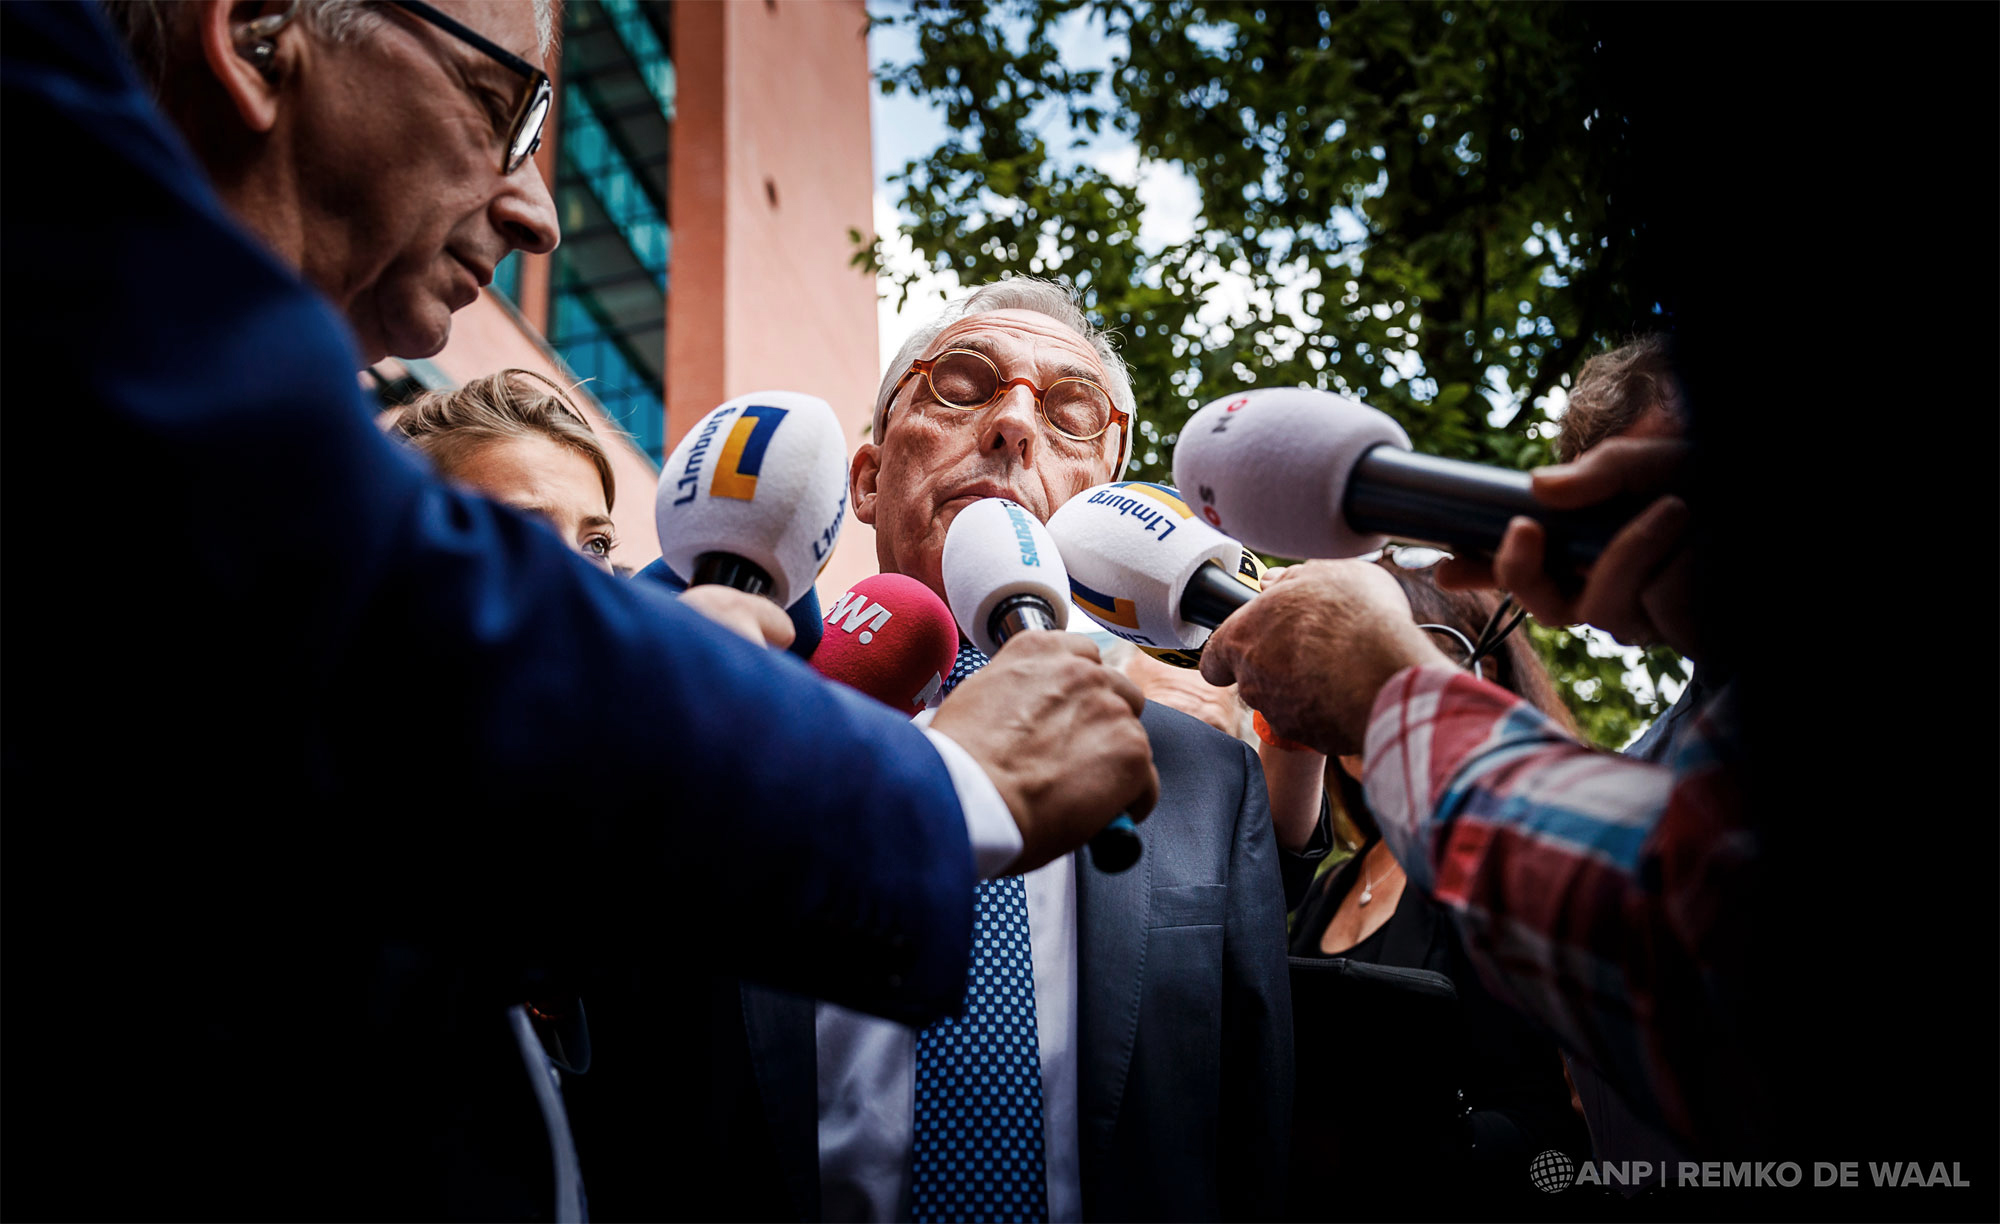 Oud-wethouder Jos van Rey verlaat de rechtbank in Rotterdam, na afloop van de uitspraak in zijn strafzaak.